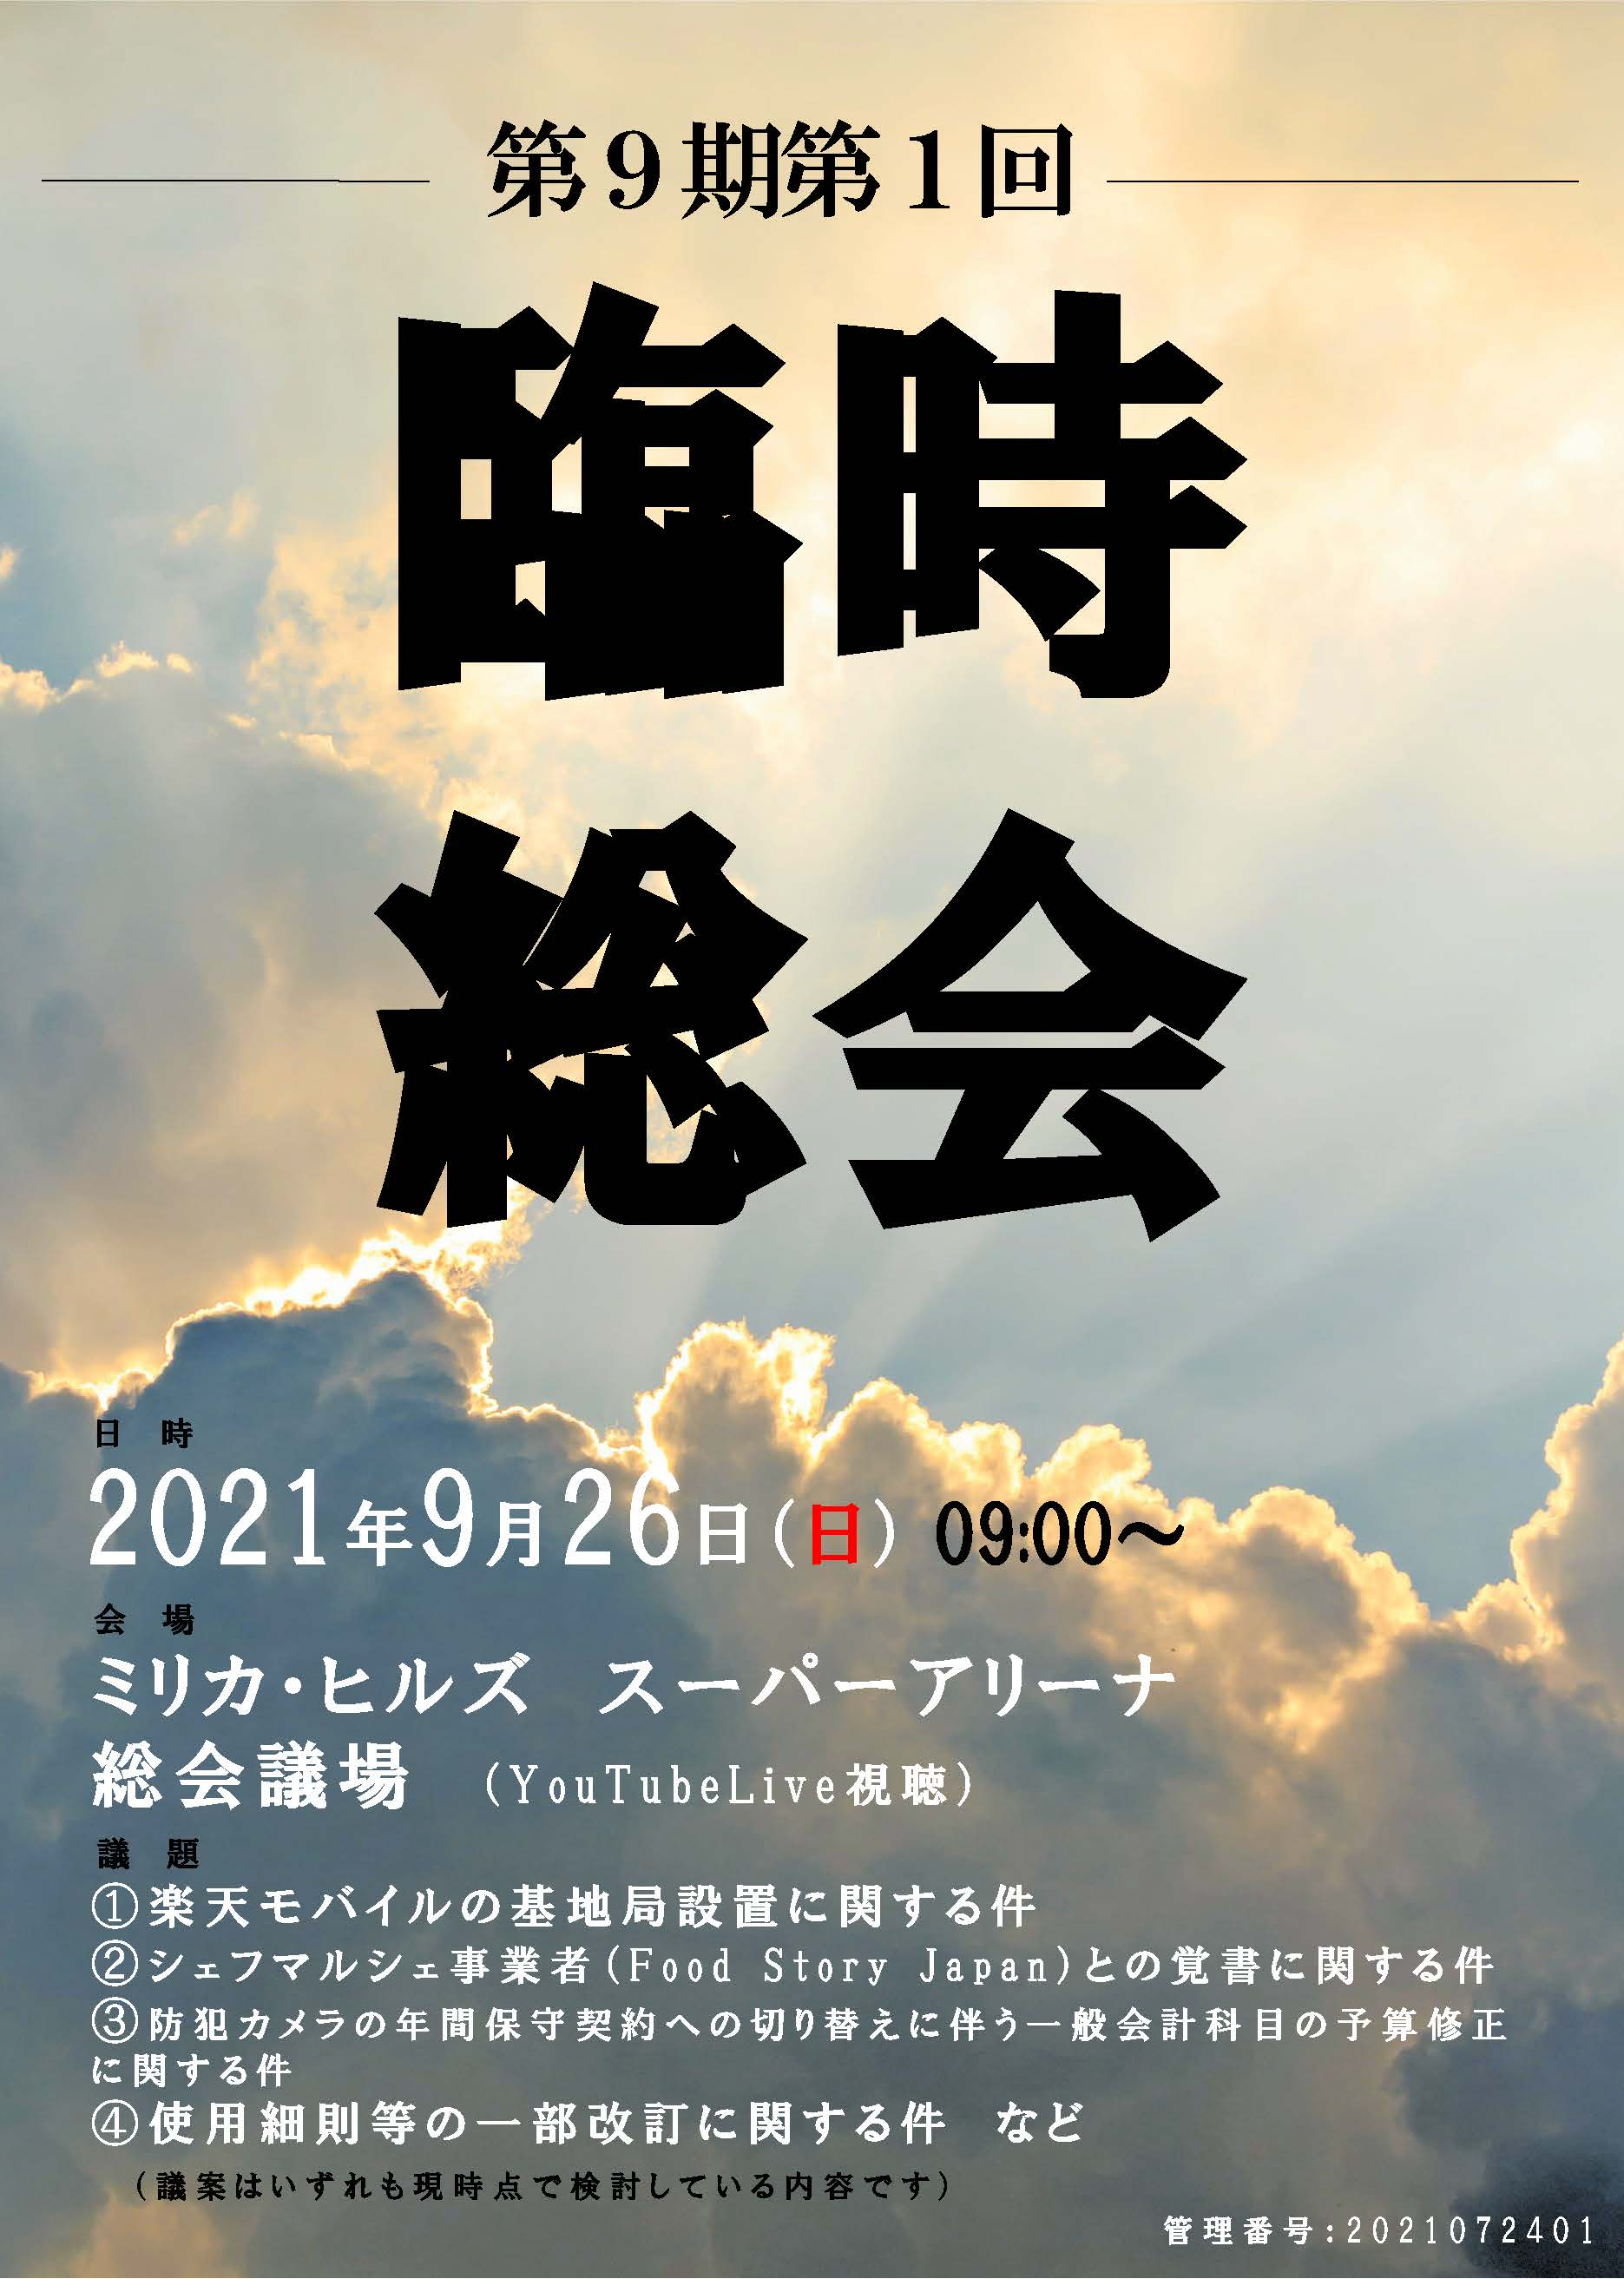 令和3年9月26日(日)に臨時総会を開催します